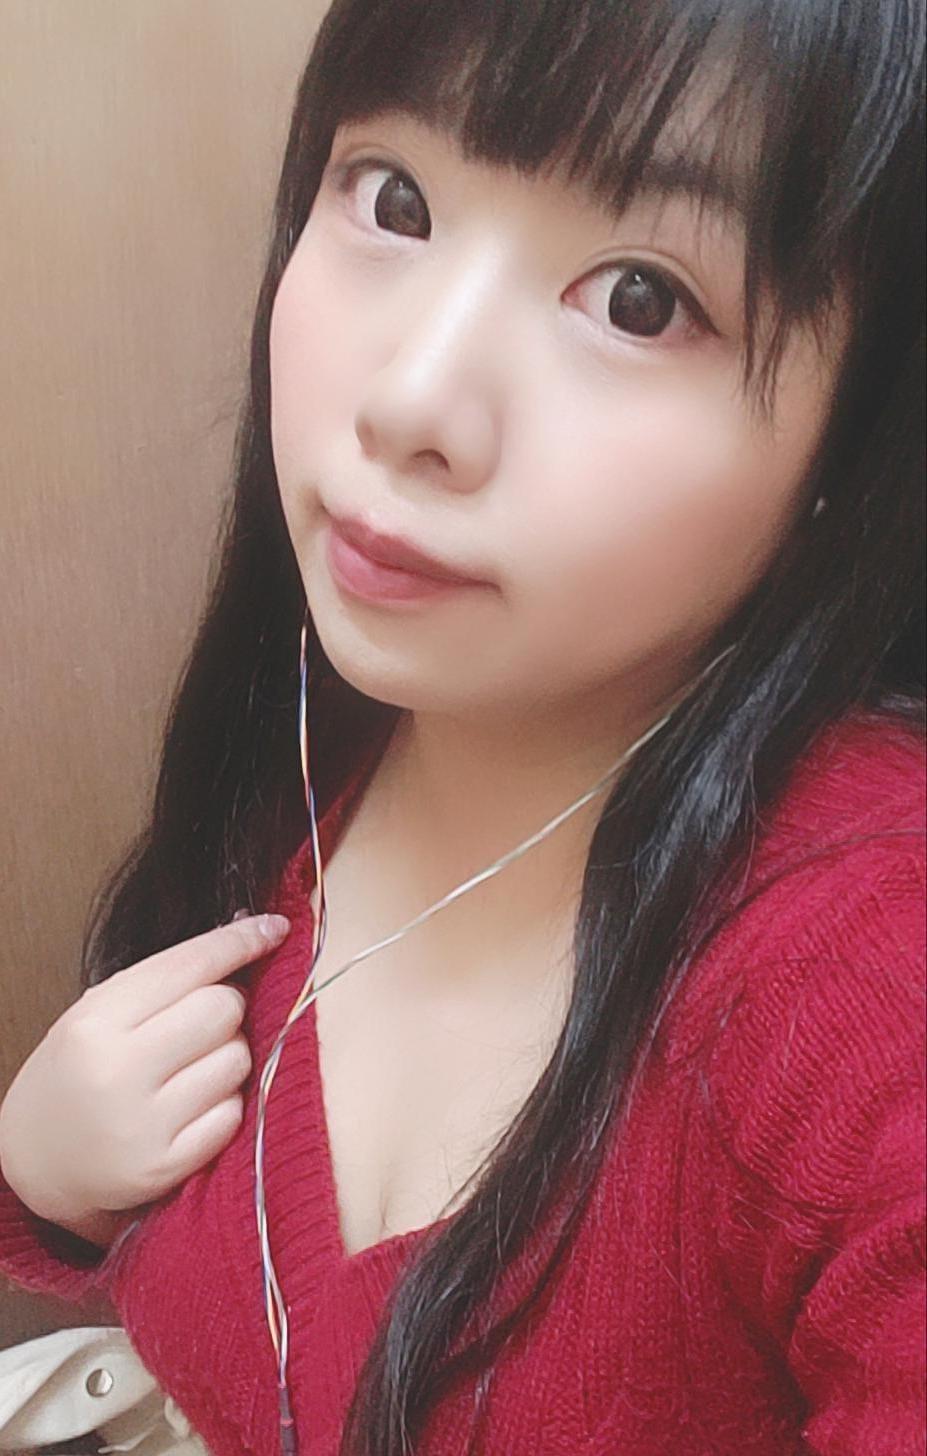 「お休み明け?」01/15(水) 09:15 | おとはの写メ・風俗動画